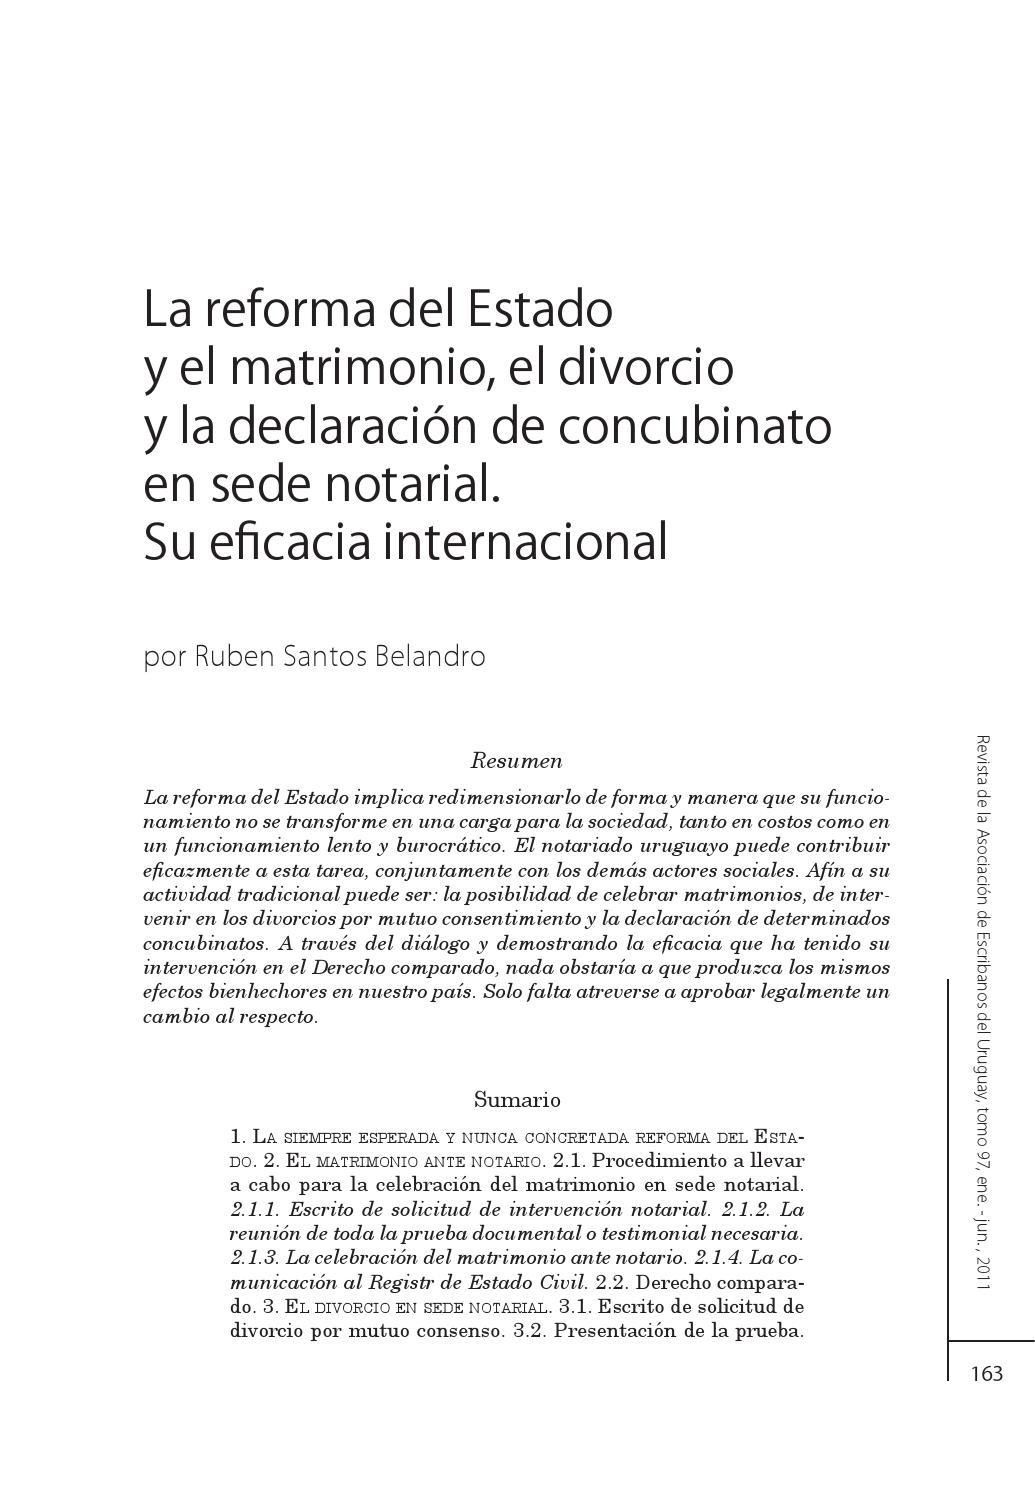 Matrimonio Y Concubinato : Matrimonio divorcio y declaración de concubinato by